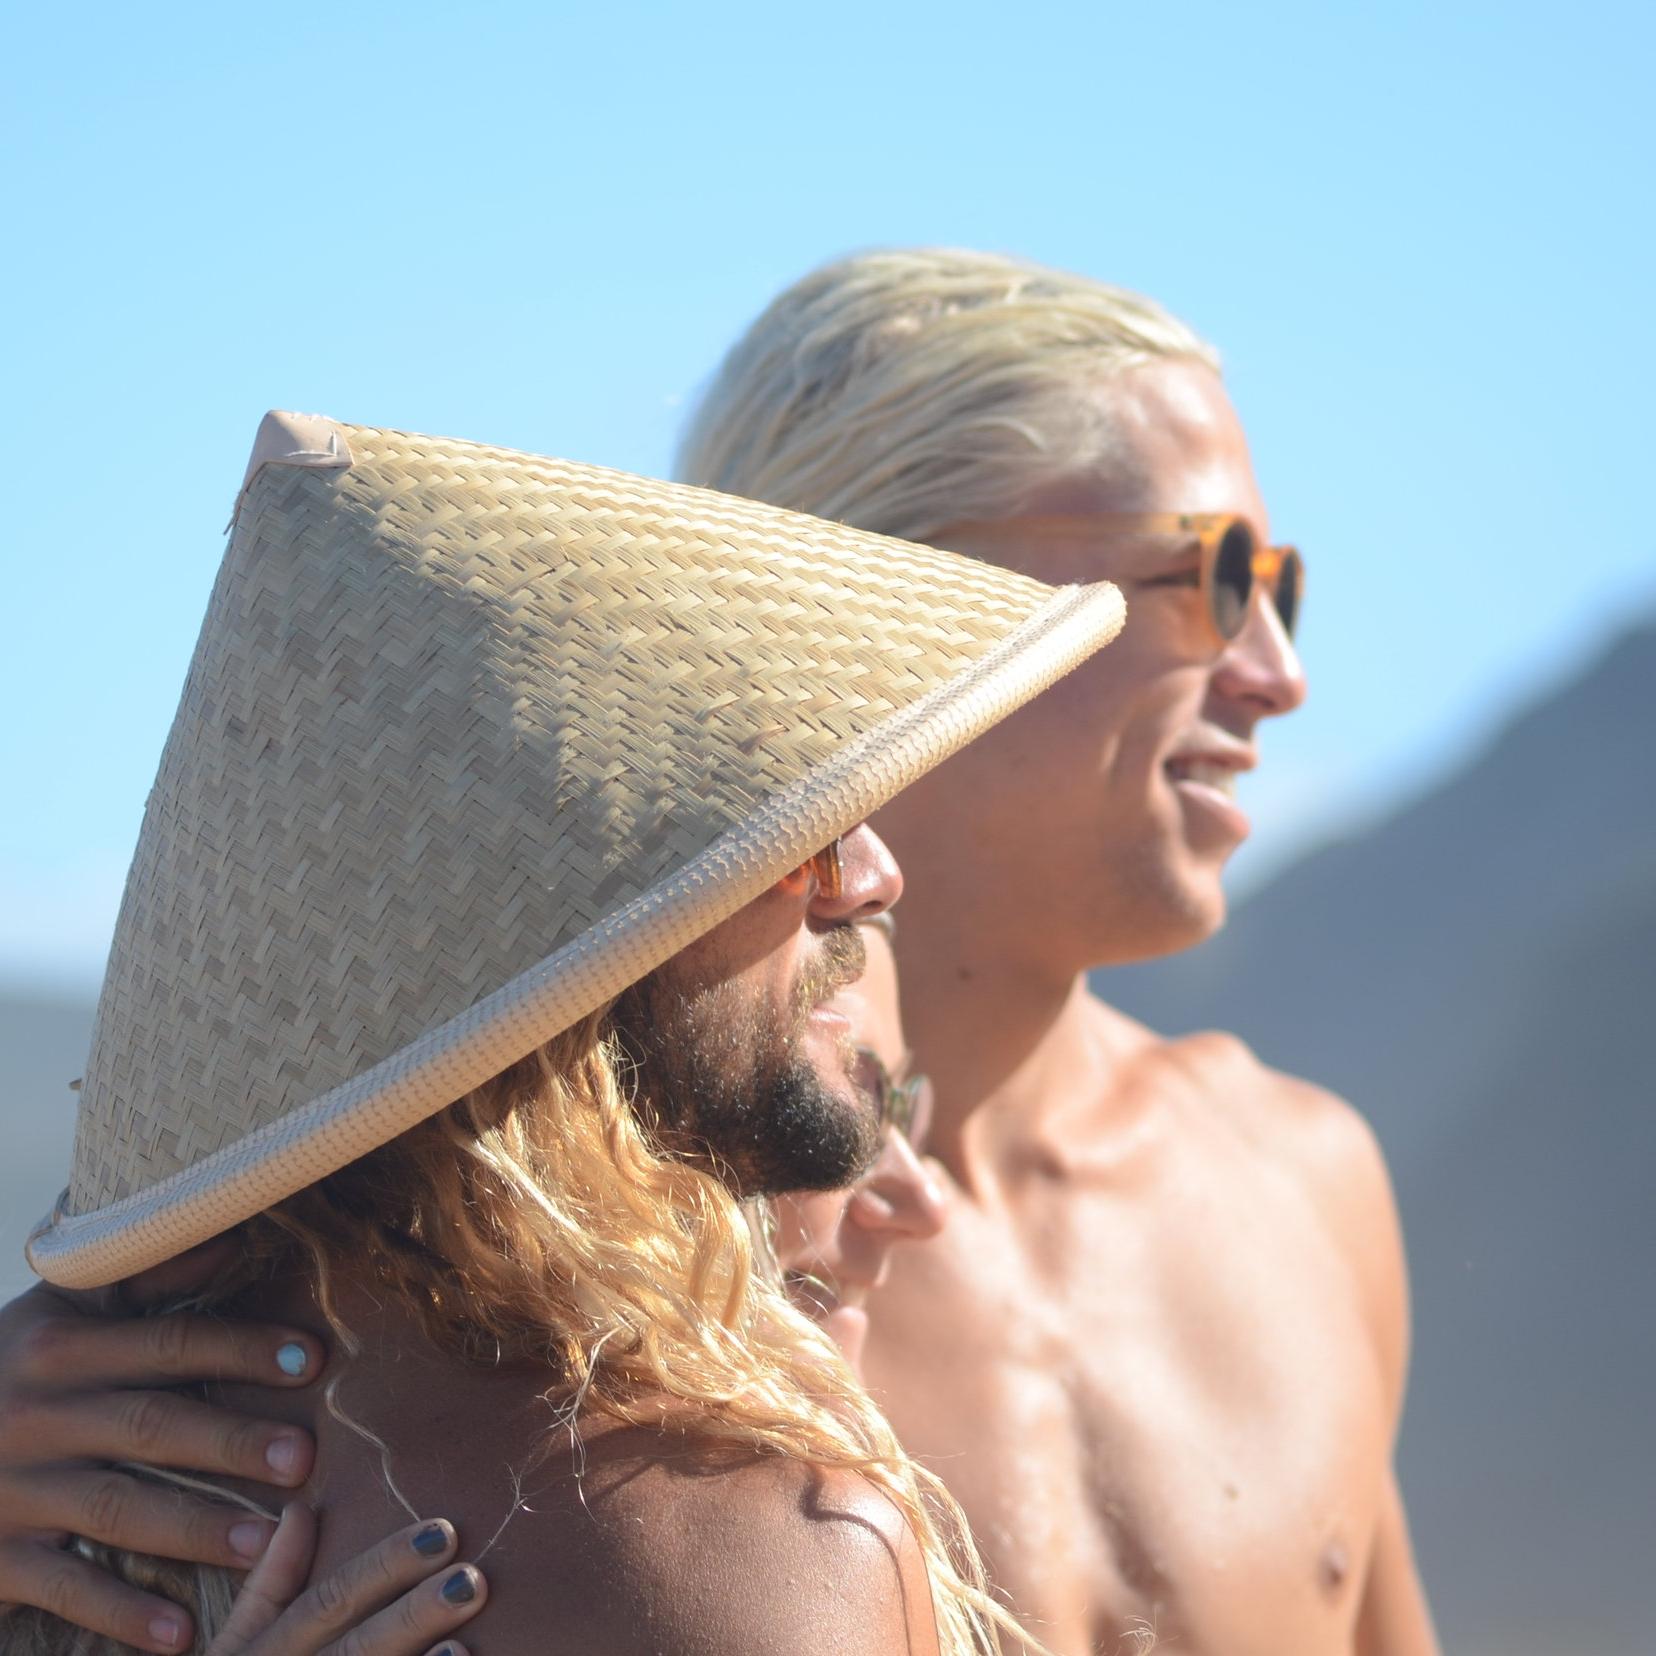 The Surf Dudes